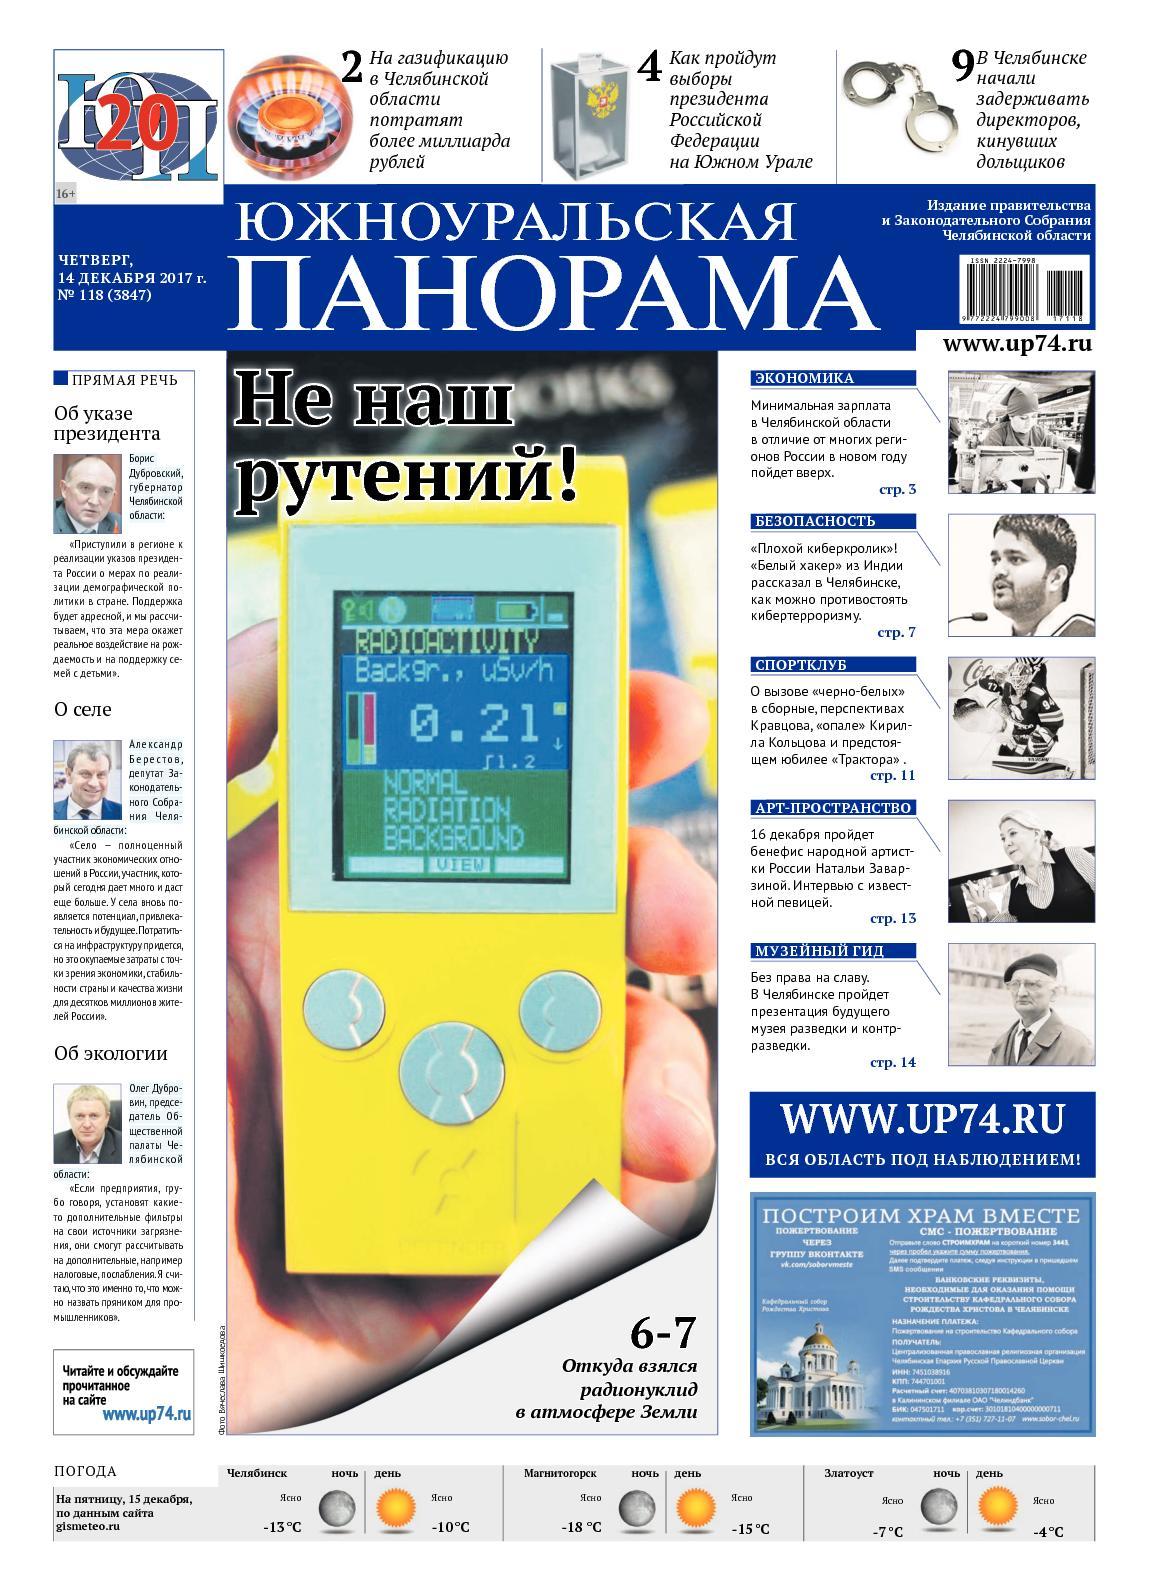 московский кредитный банк рефинансирование кредитов калькулятор